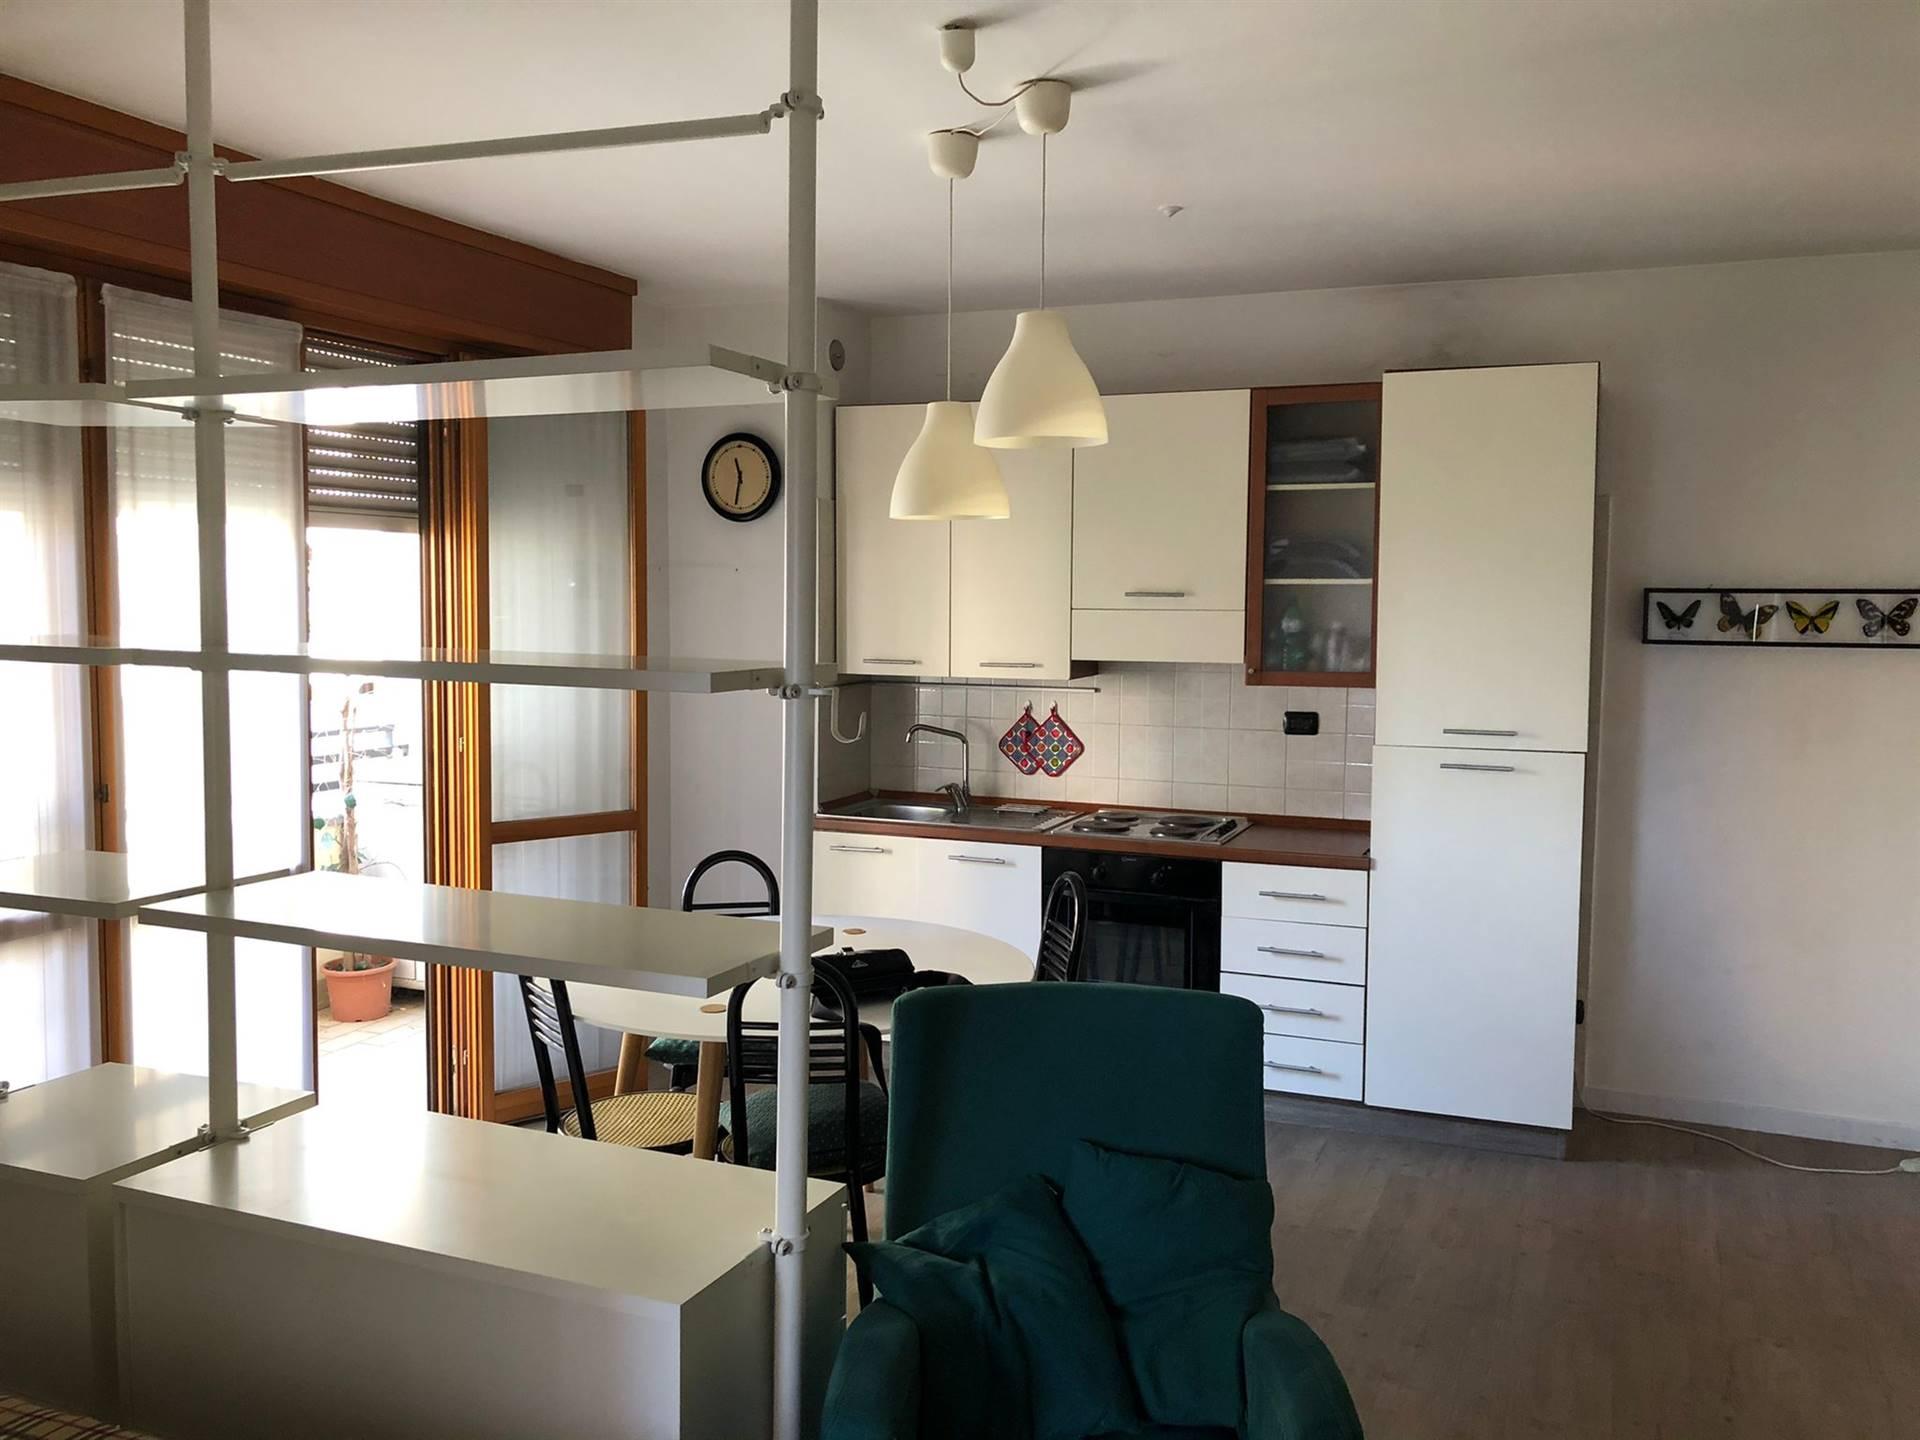 Appartamento in vendita a Milano, 1 locali, zona Citta' Studi, Lambrate, Udine, Loreto, Piola, Ortica, prezzo € 225.000 | PortaleAgenzieImmobiliari.it